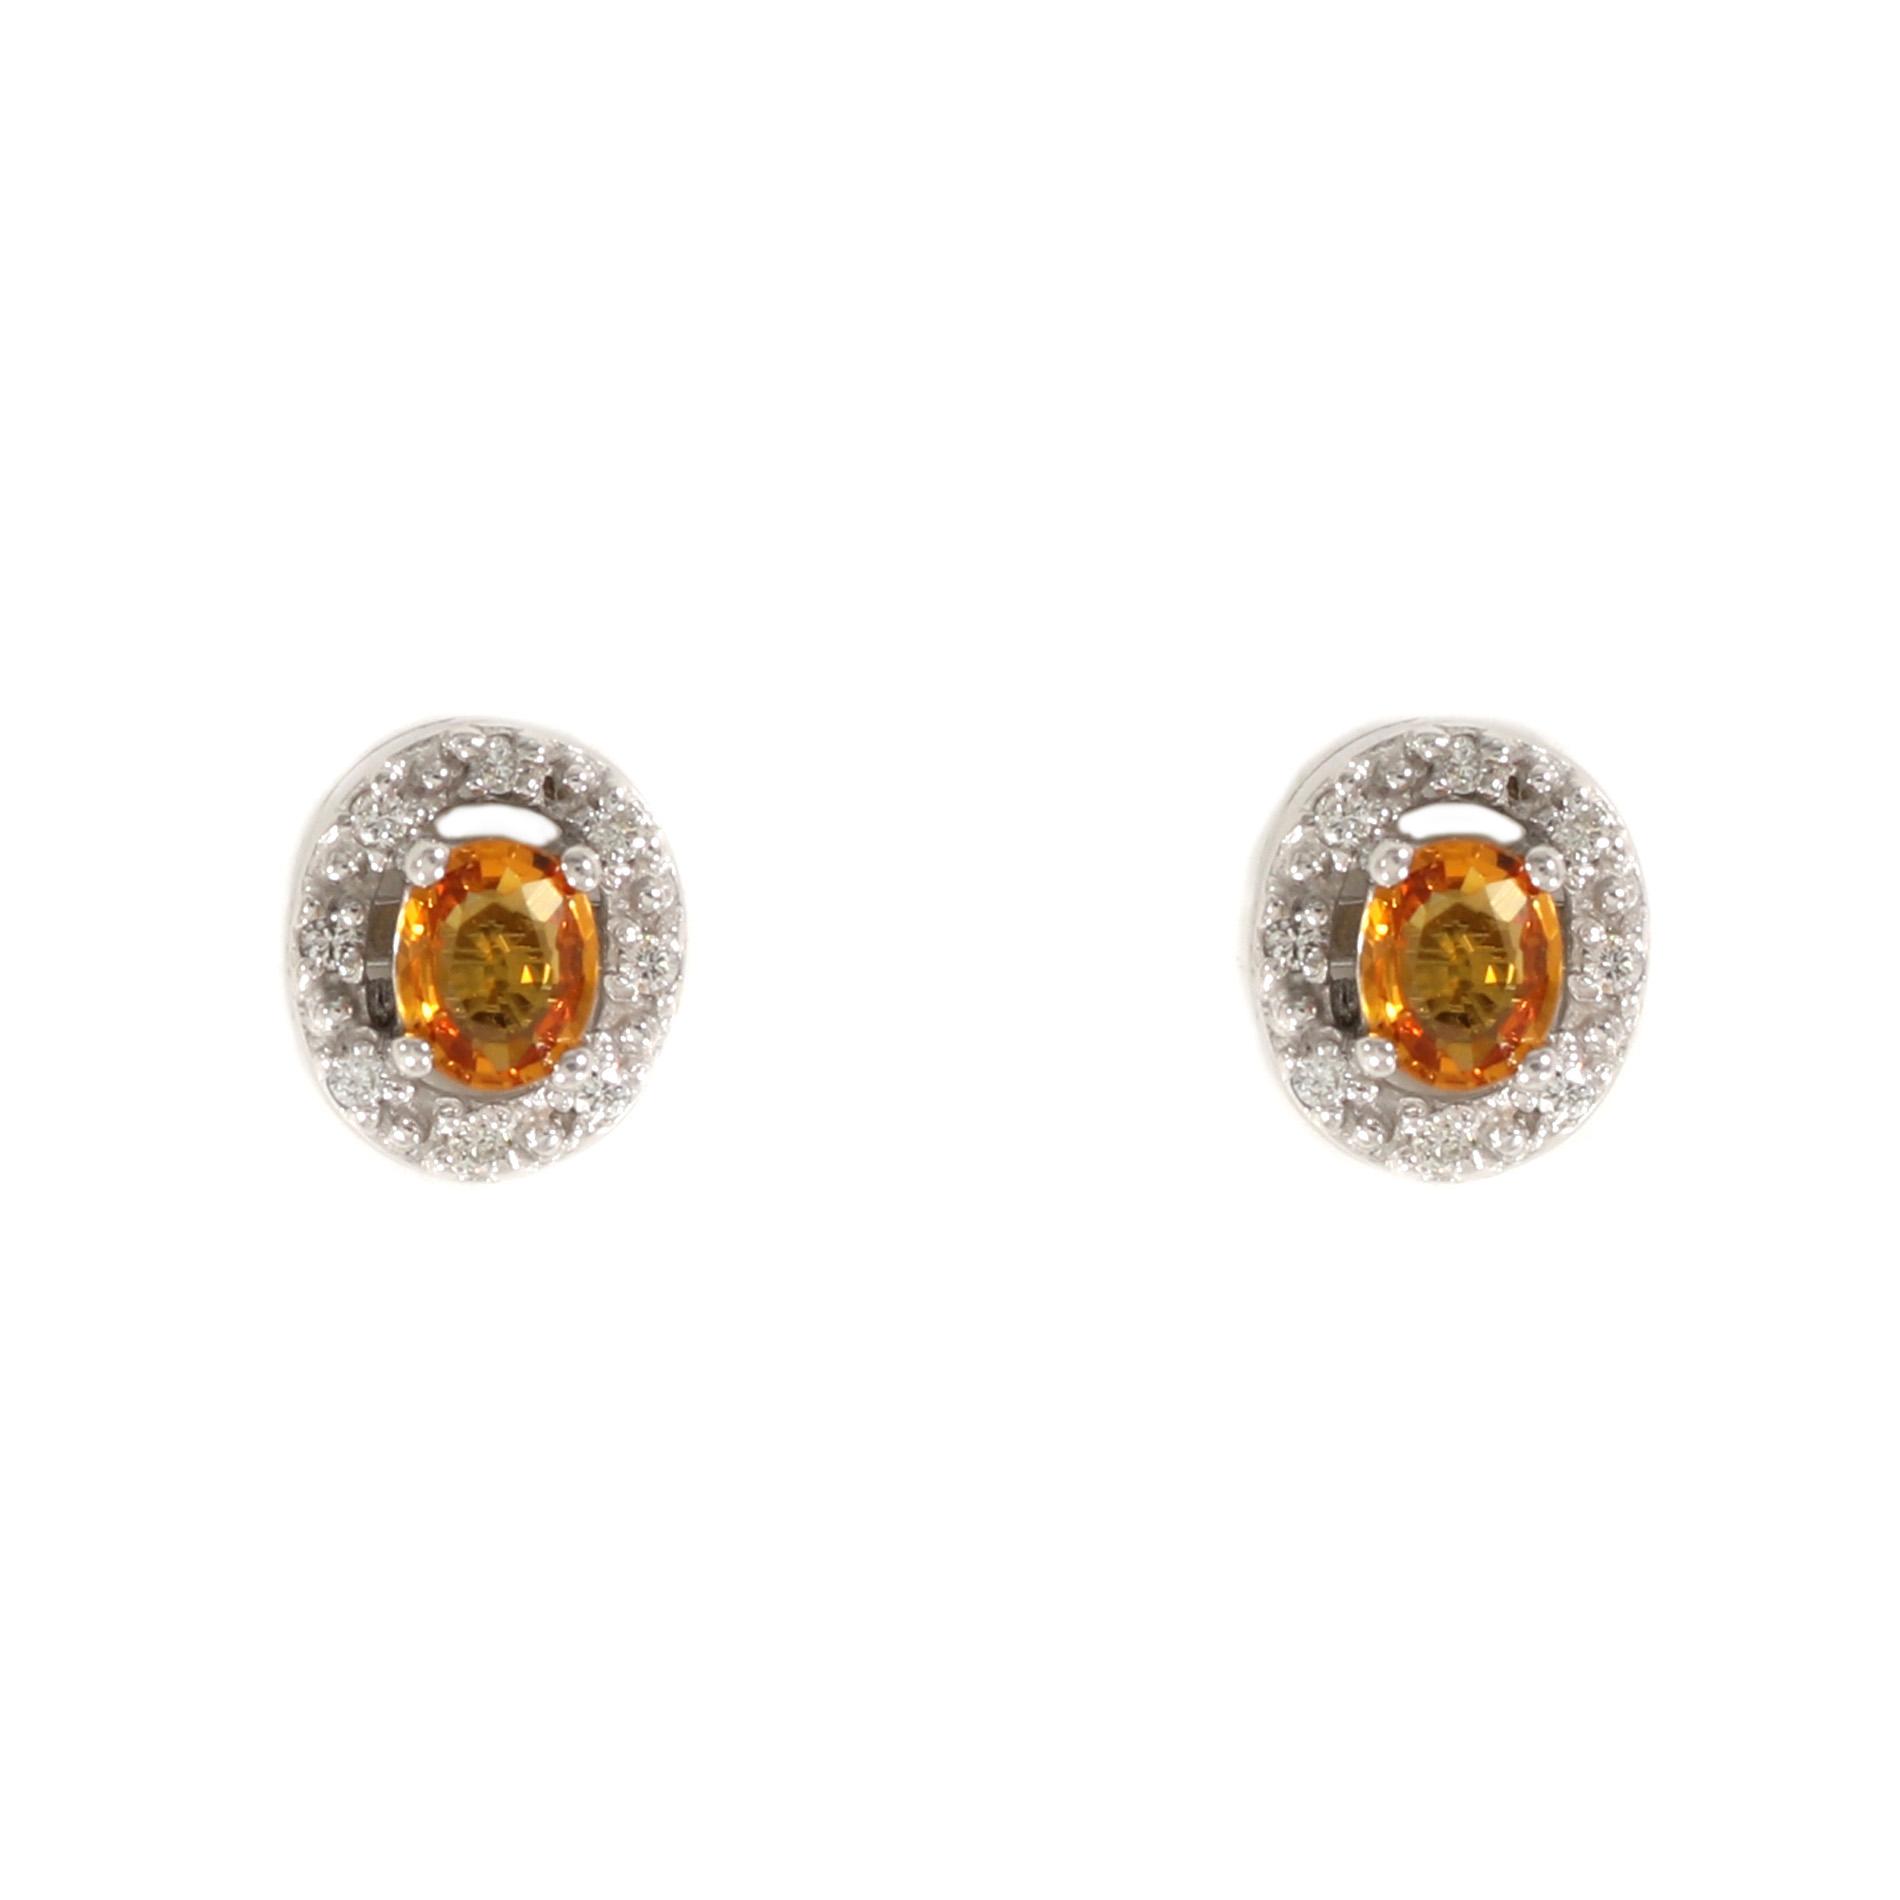 Golden Sapphire Halo Earrings